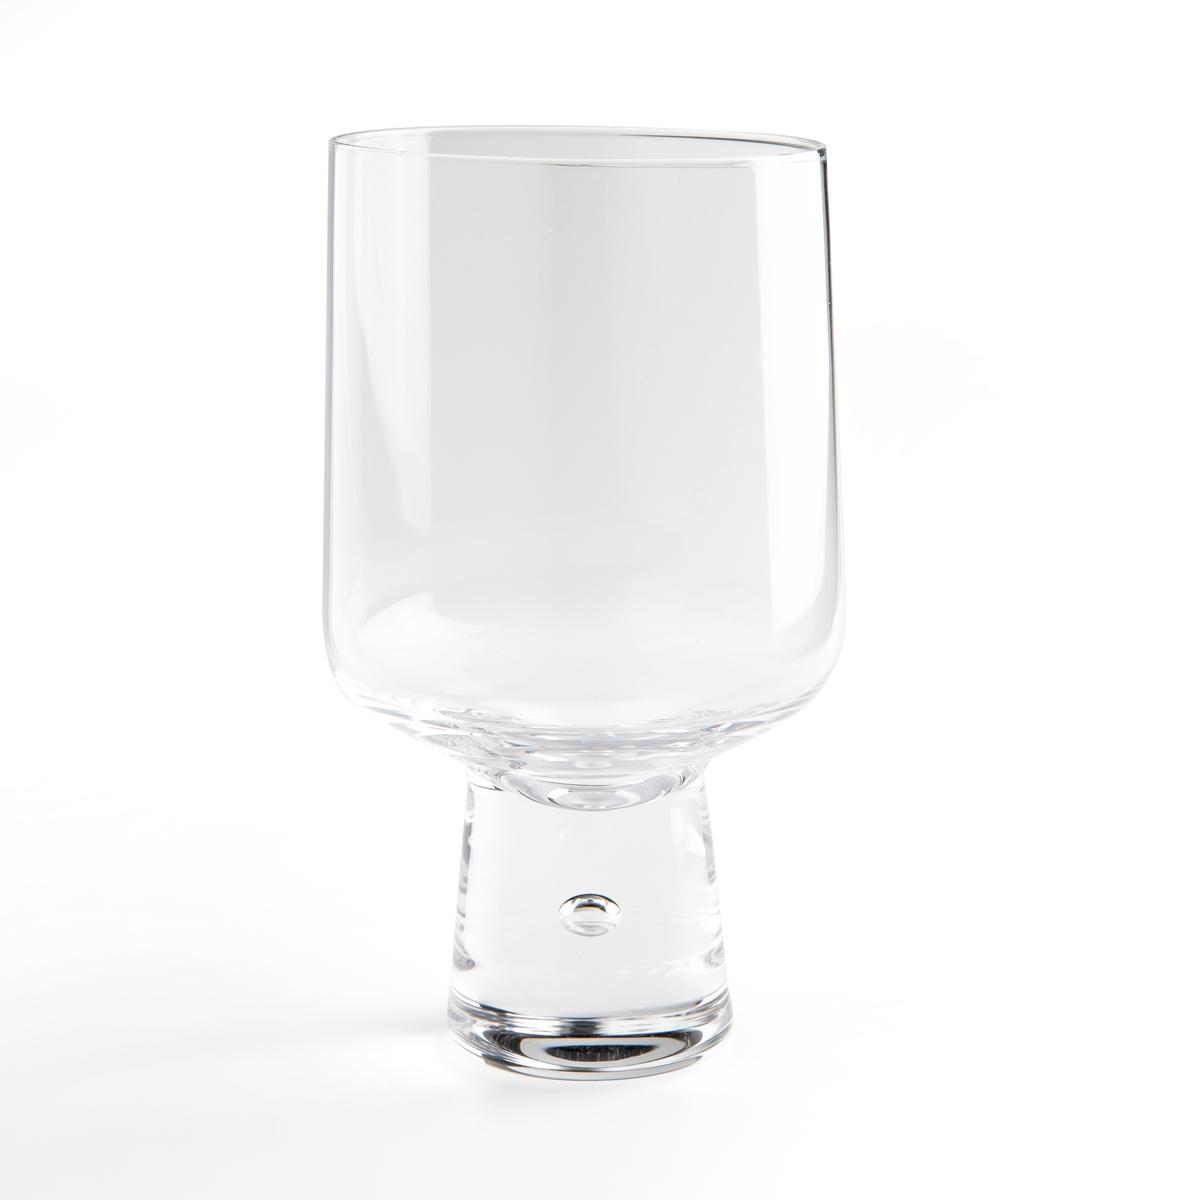 6 бокалов LaRedoute Для воды Albdo единый размер другие набор laredoute из 6 стаканов troquet единый размер другие